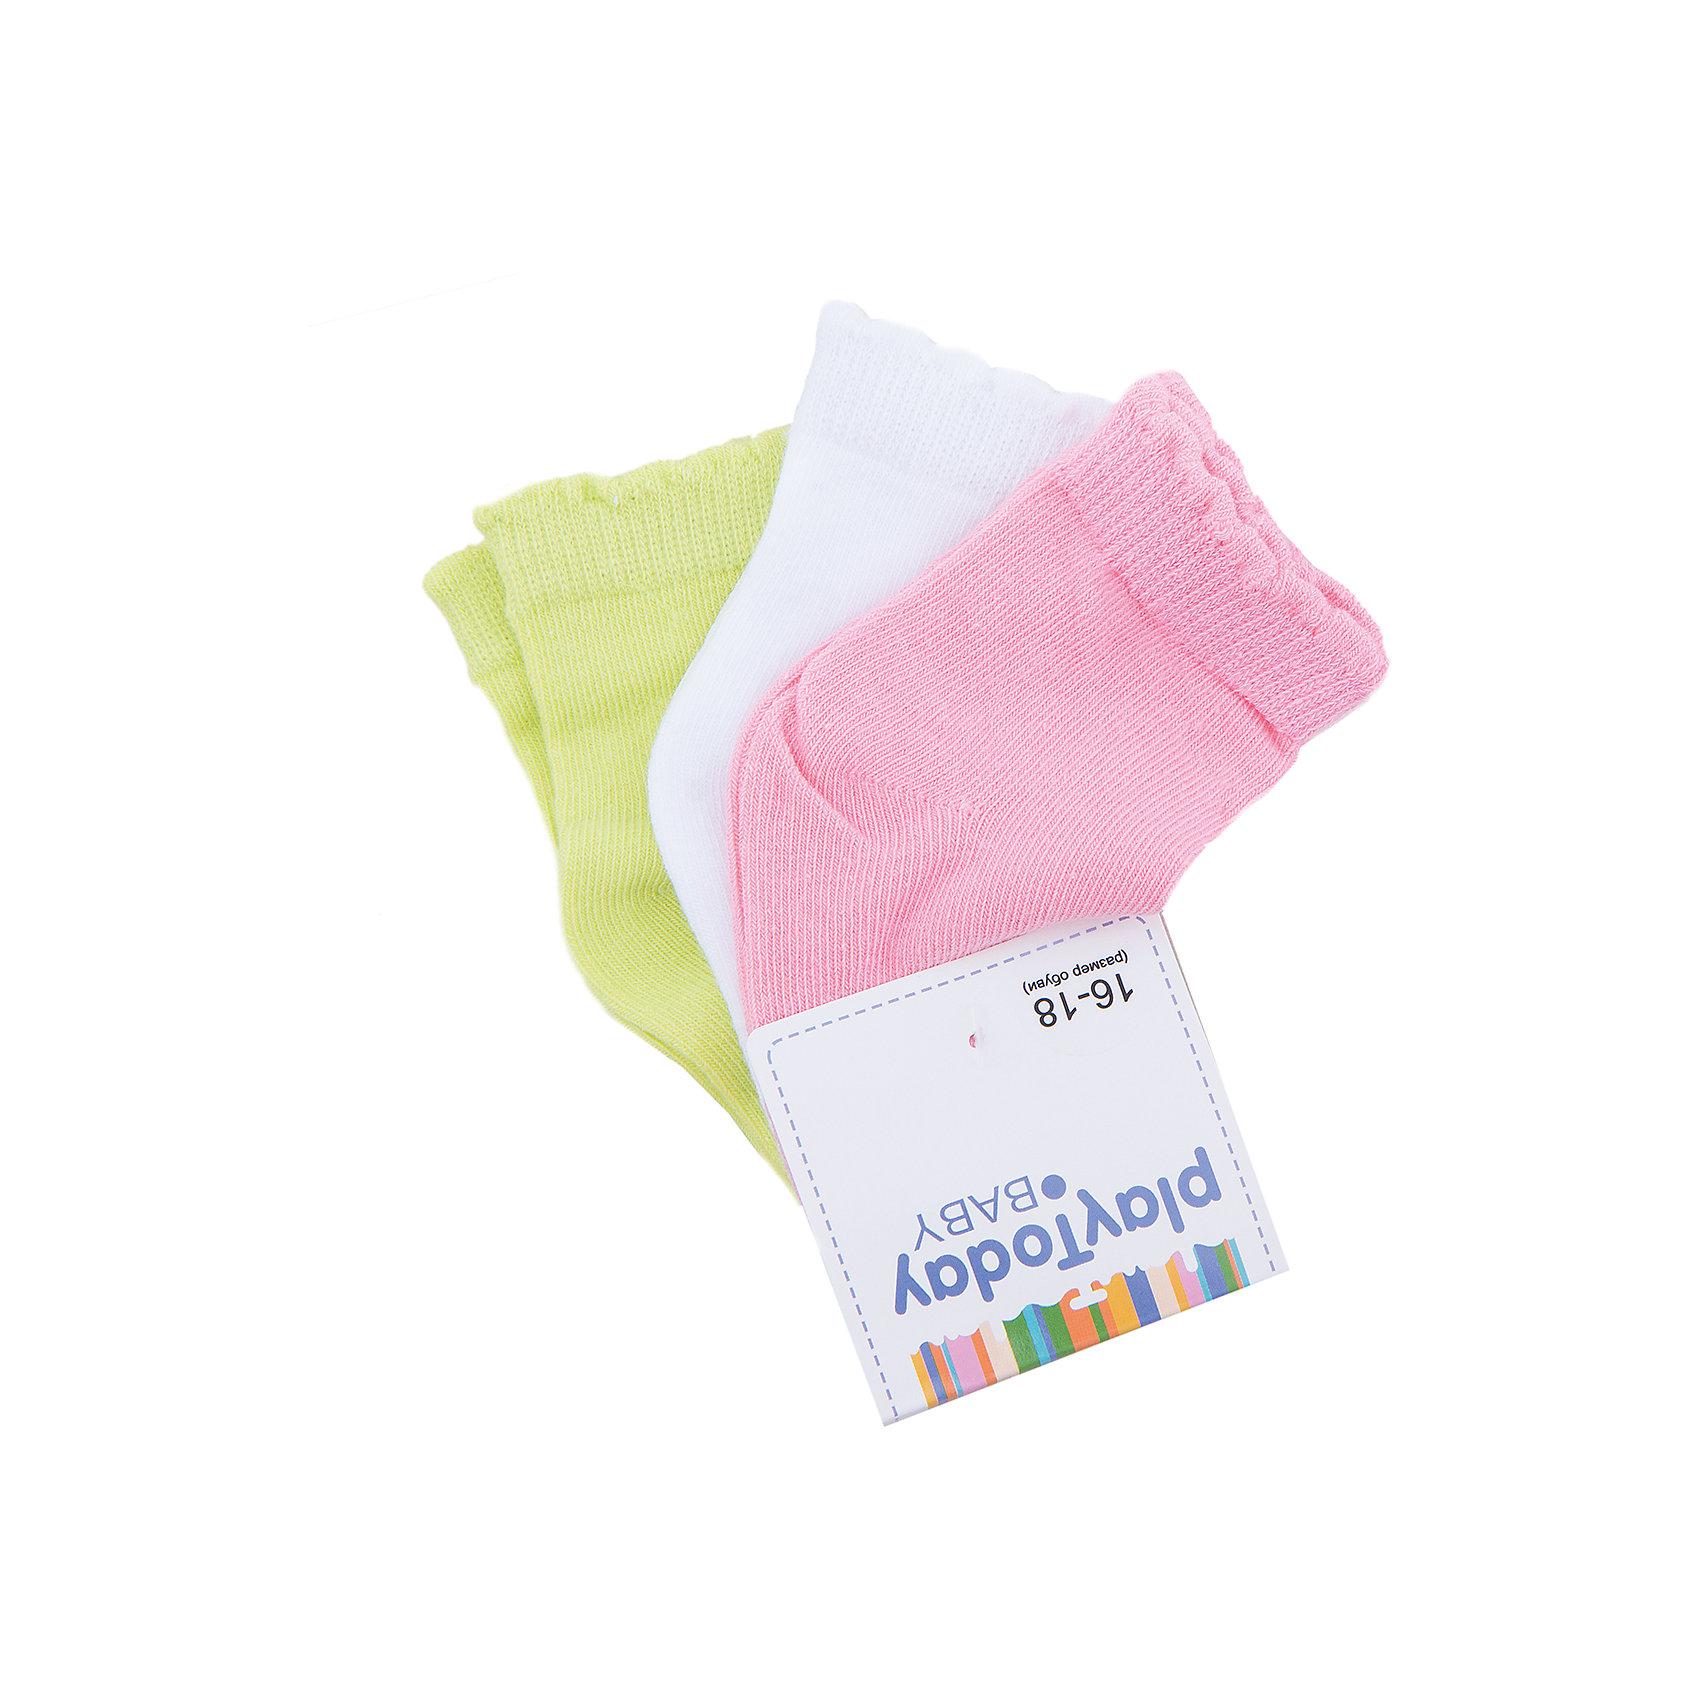 Носки, 3 пары для девочки PlayTodayНоски<br>Носки, 3 пары для девочки PlayToday<br>Носки очень мягкие, из качественных материалов, приятны к телу и не сковывают движений. Хорошо пропускают воздух, тем самым позволяя коже дышать.  Даже частые стирки, при условии соблюдений рекомендаций по уходу, не изменят ни форму, ни цвет изделий.Преимущества: Мягкие, выполненные из натуральных материалов, приятны к телу, не сковывают движенийХорошо пропускают воздух, позволяя тем самым коже дышатьДаже частые стирки, при условии соблюдений рекомендаций по уходу, не изменят ни форму, ни цвет изделия<br>Состав:<br>75% хлопок, 22% нейлон, 3% эластан<br><br>Ширина мм: 87<br>Глубина мм: 10<br>Высота мм: 105<br>Вес г: 115<br>Цвет: разноцветный<br>Возраст от месяцев: 12<br>Возраст до месяцев: 24<br>Пол: Женский<br>Возраст: Детский<br>Размер: 12,11<br>SKU: 5408379